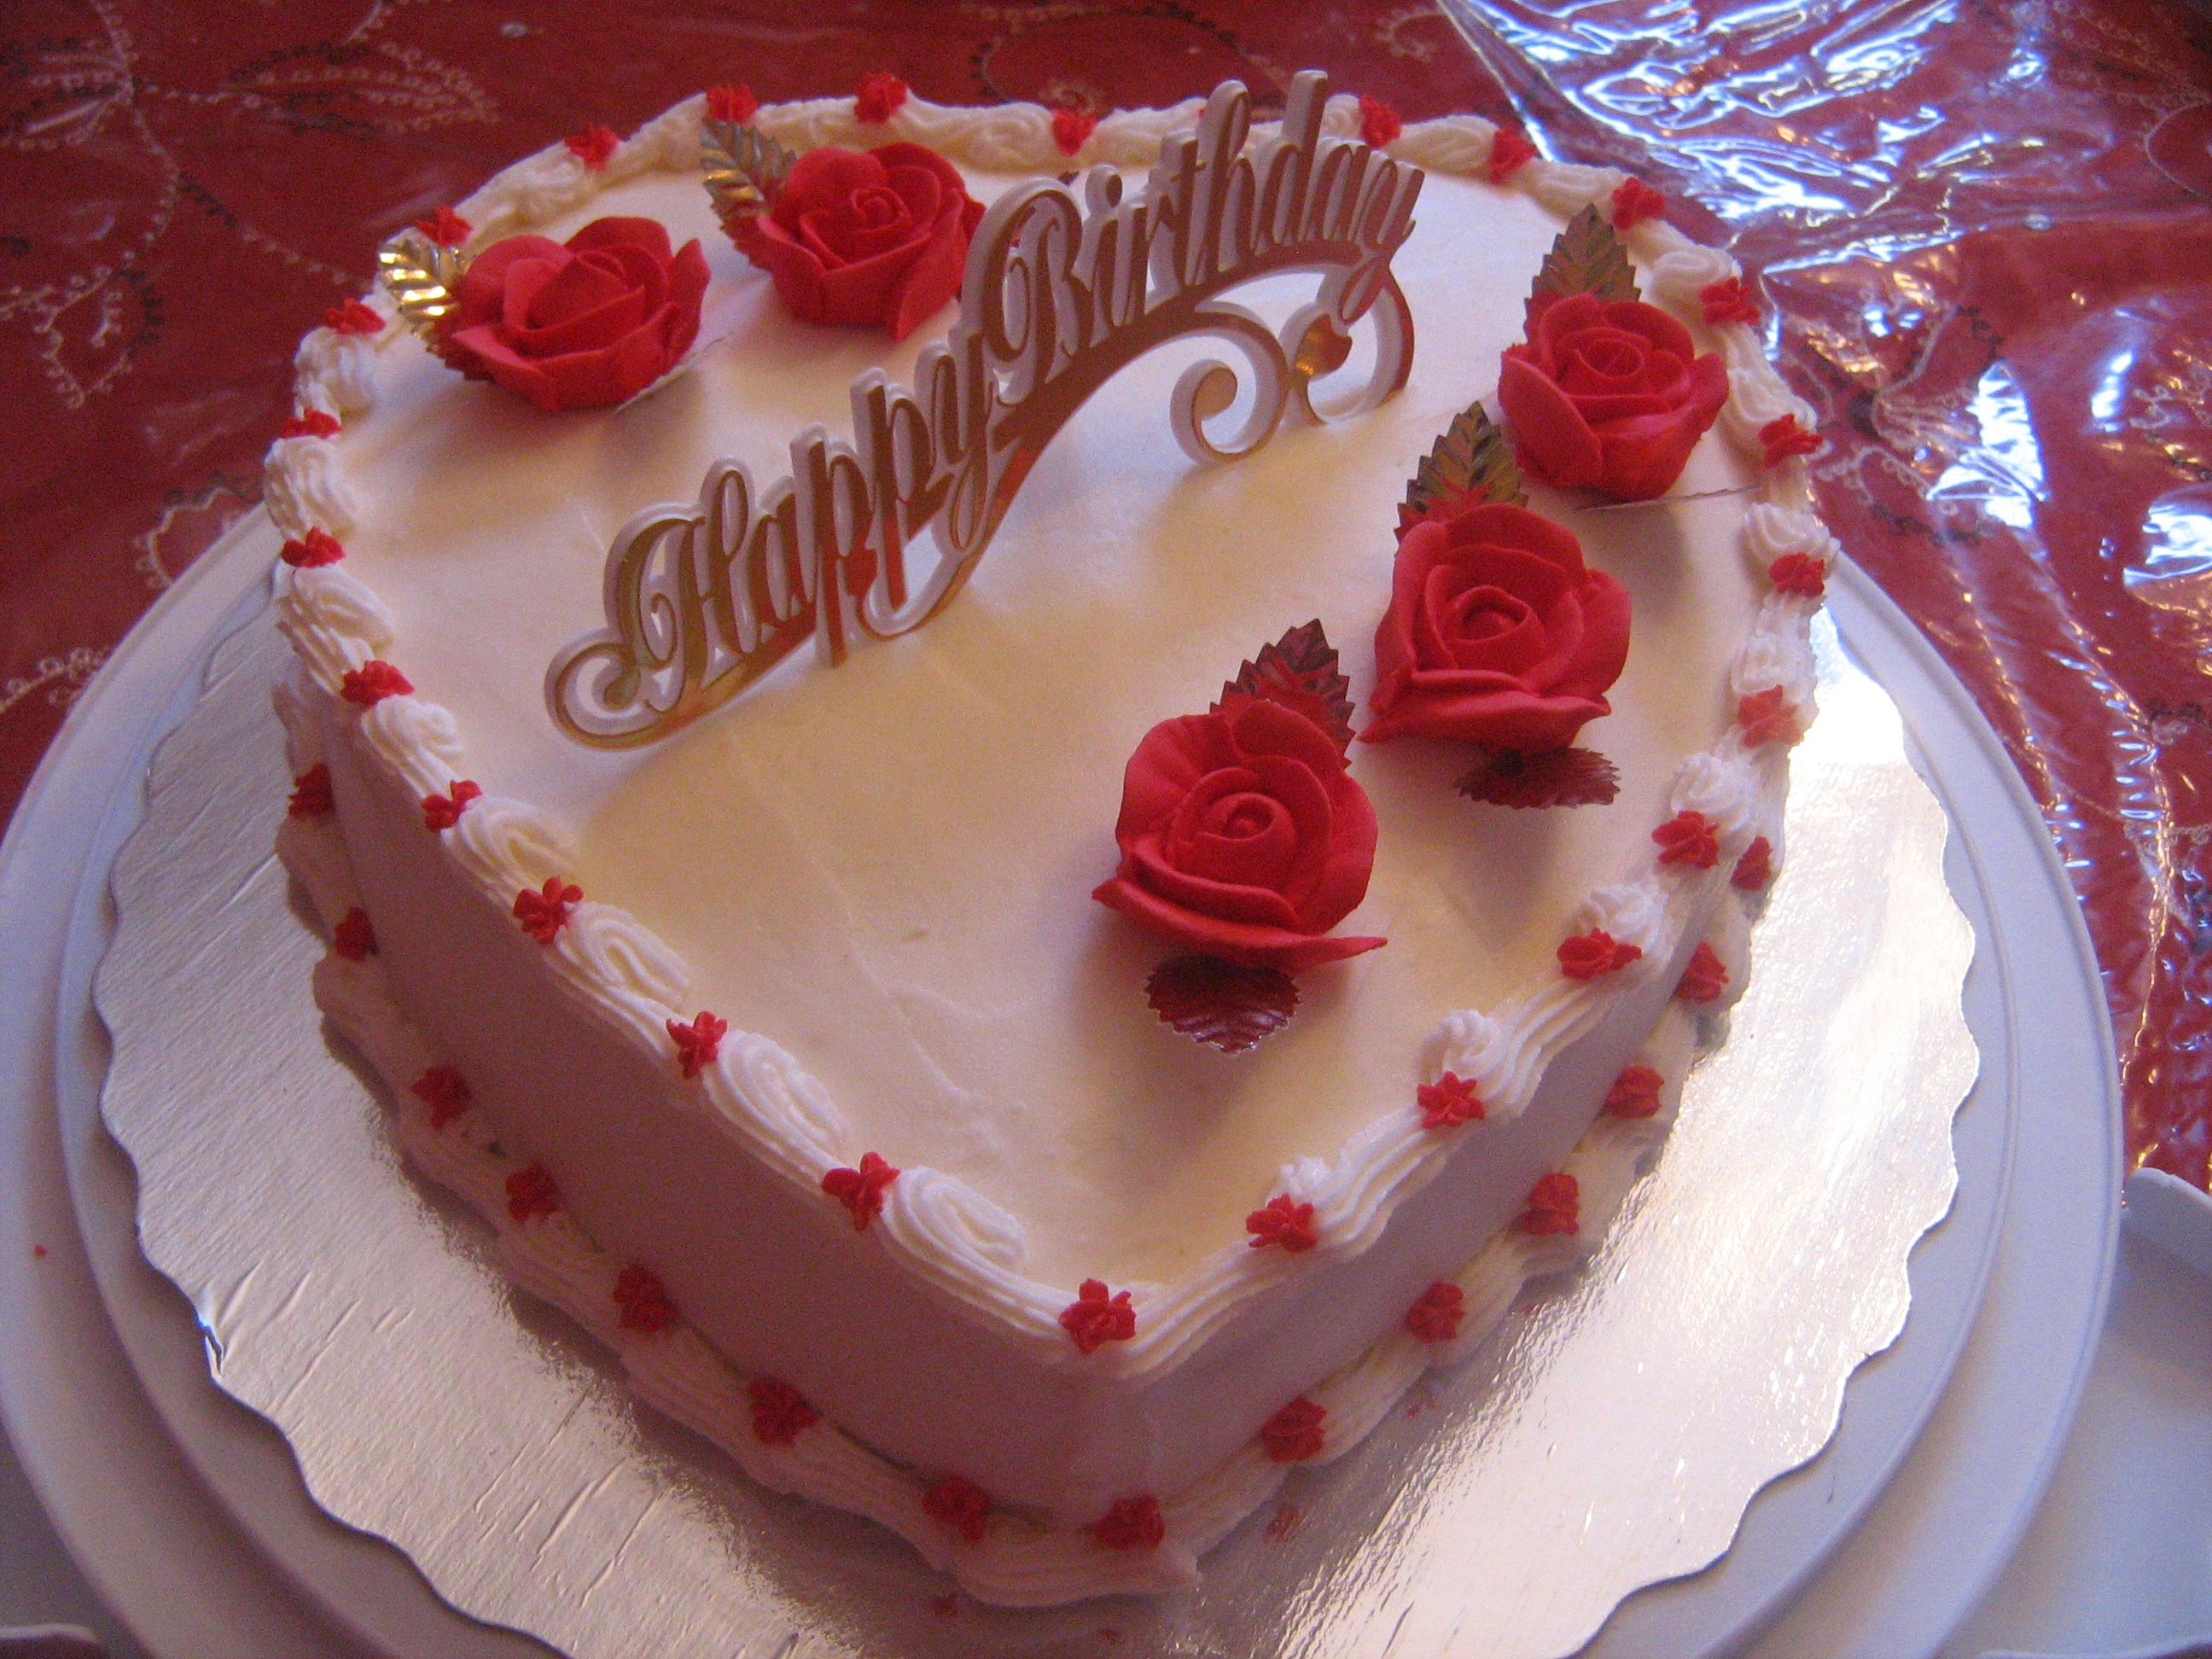 كل عام وانت بخير Heart-shaped-cake